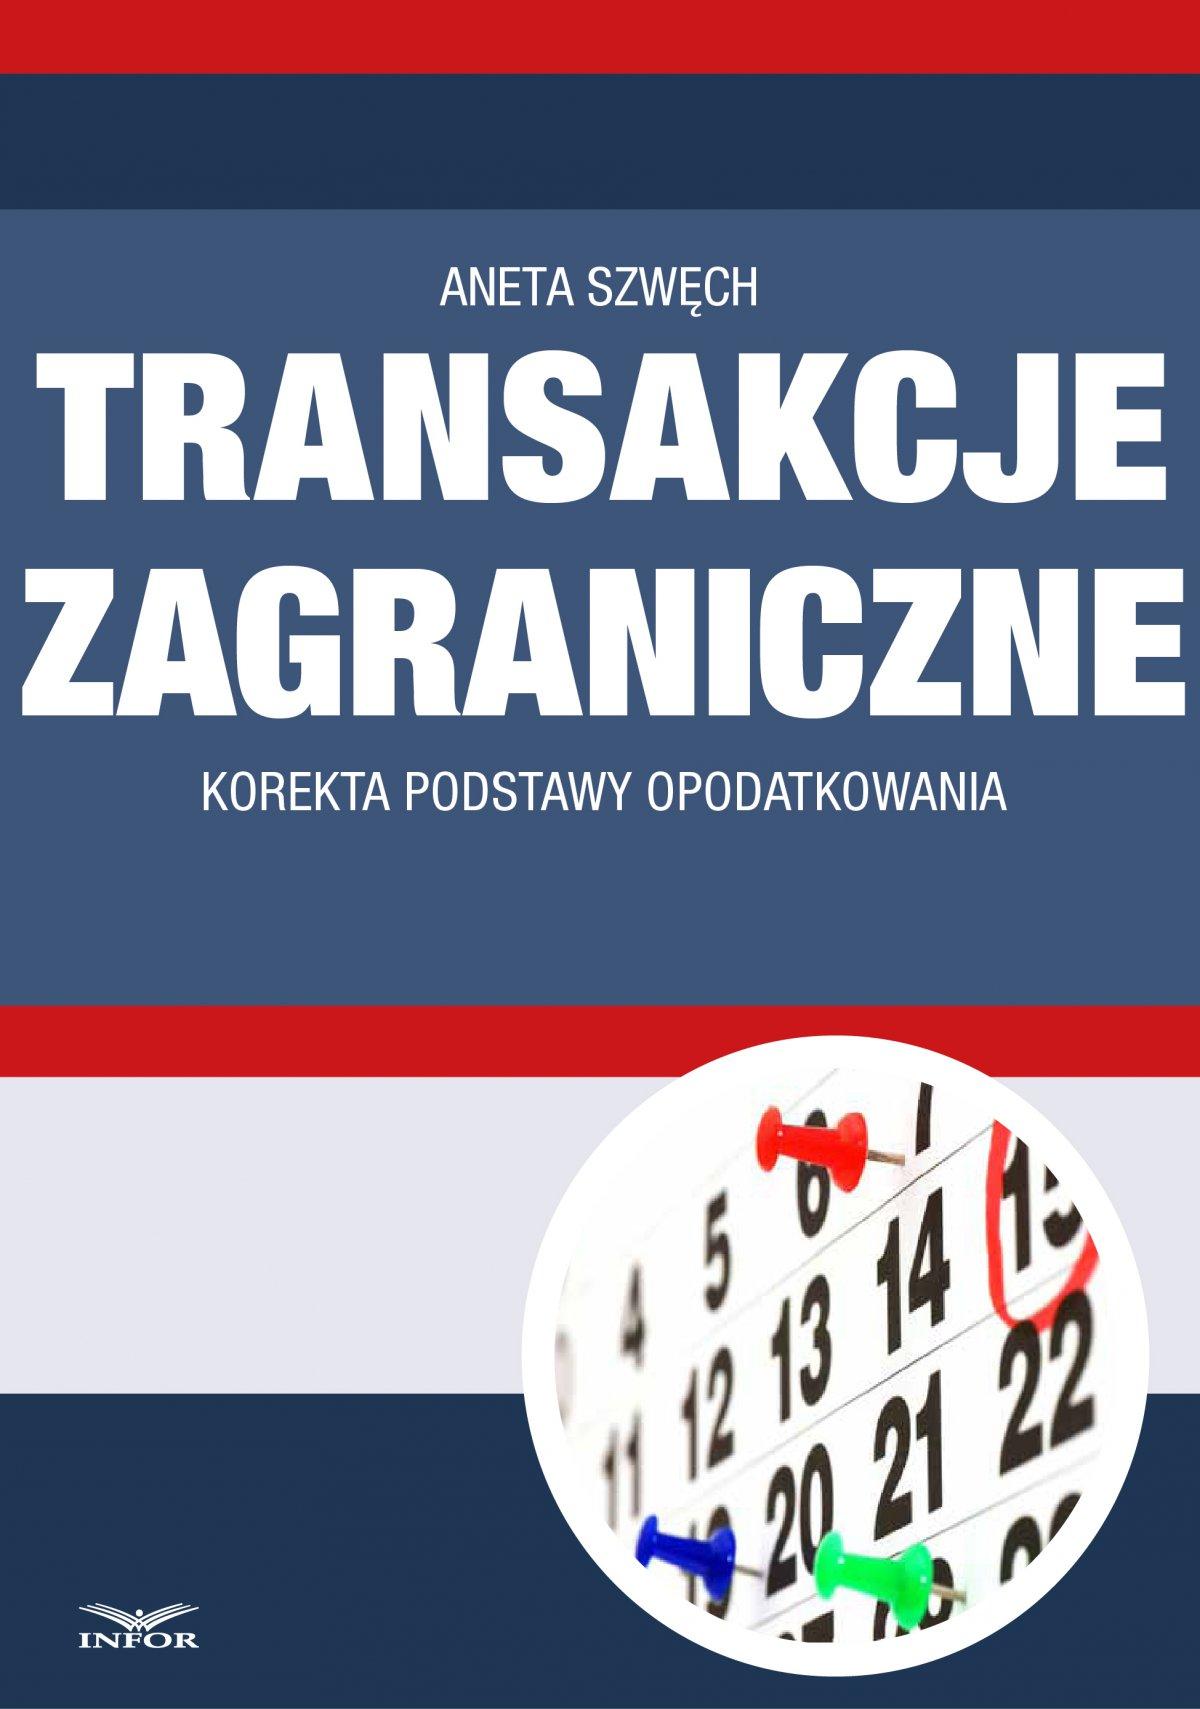 Transakcje zagraniczne - korekta podstawy opodatkowania - Ebook (Książka PDF) do pobrania w formacie PDF